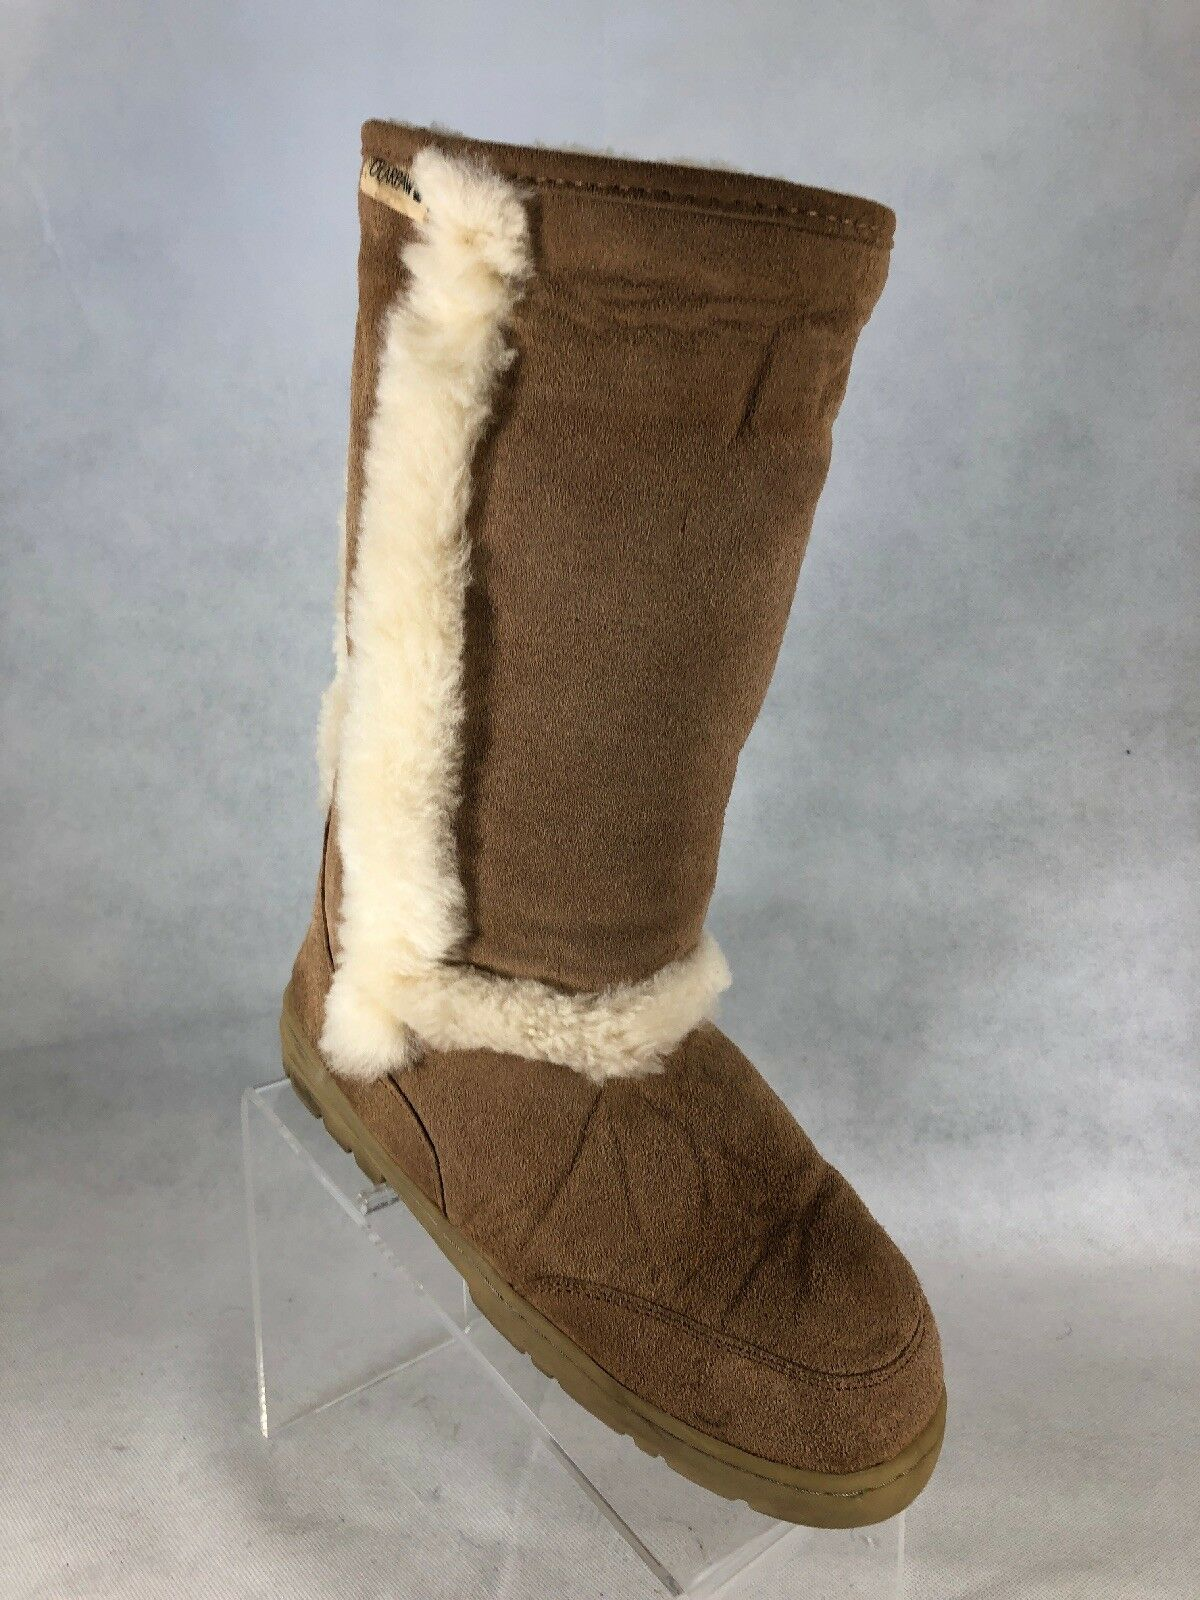 Bearpaw Womens Brown Suede Sheepskin Linings Boots 10 M.        W4